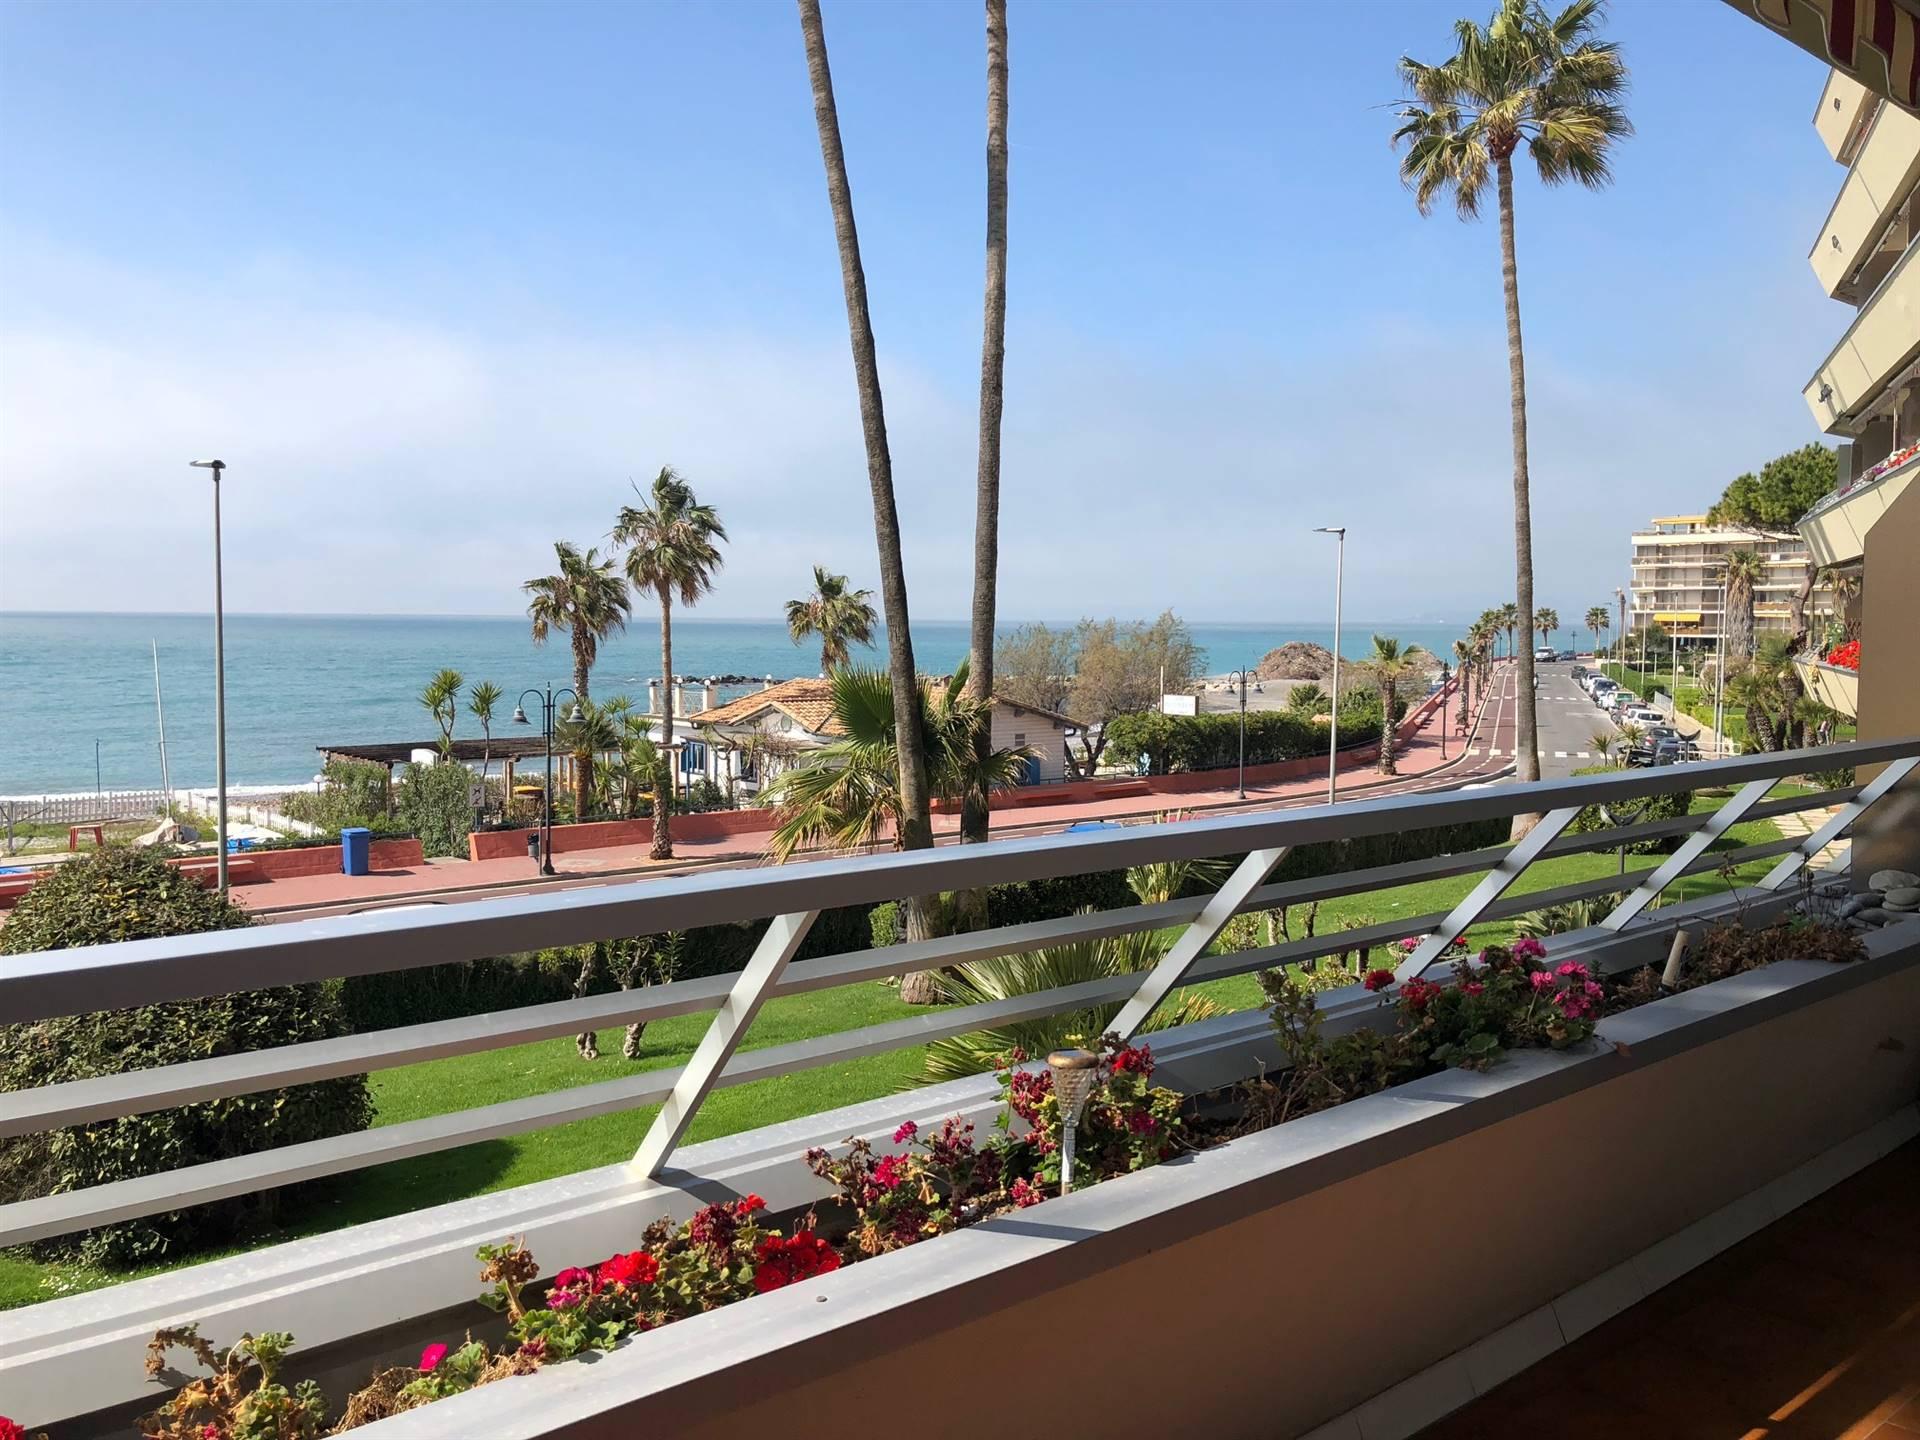 Affittasi sul lungo mare appartamento con ampia terrazza per luglio e agosto 2021. Per info +39 0184 23 51 80